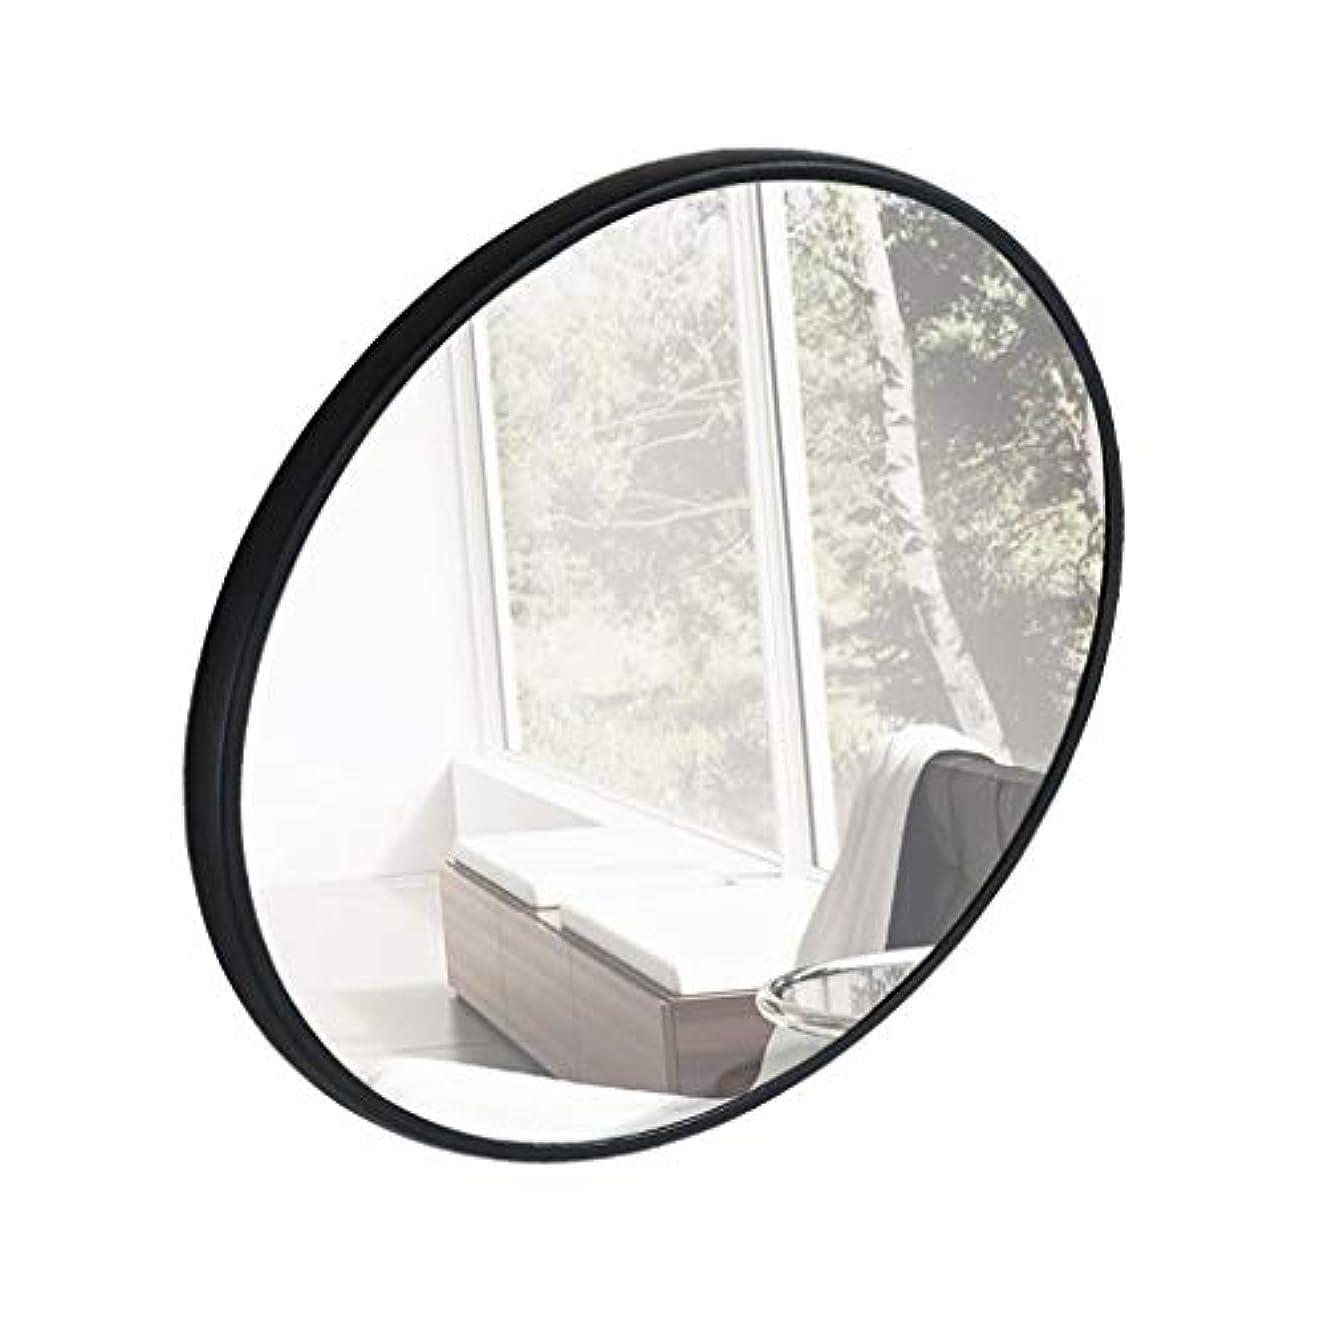 TYJ-JP 鏡化粧鏡 HD化粧台壁掛け装飾丸型鏡シンプル壁掛け鏡北欧風パンチフリーガラス鏡 (Color : 白, Size : 40*40cm)